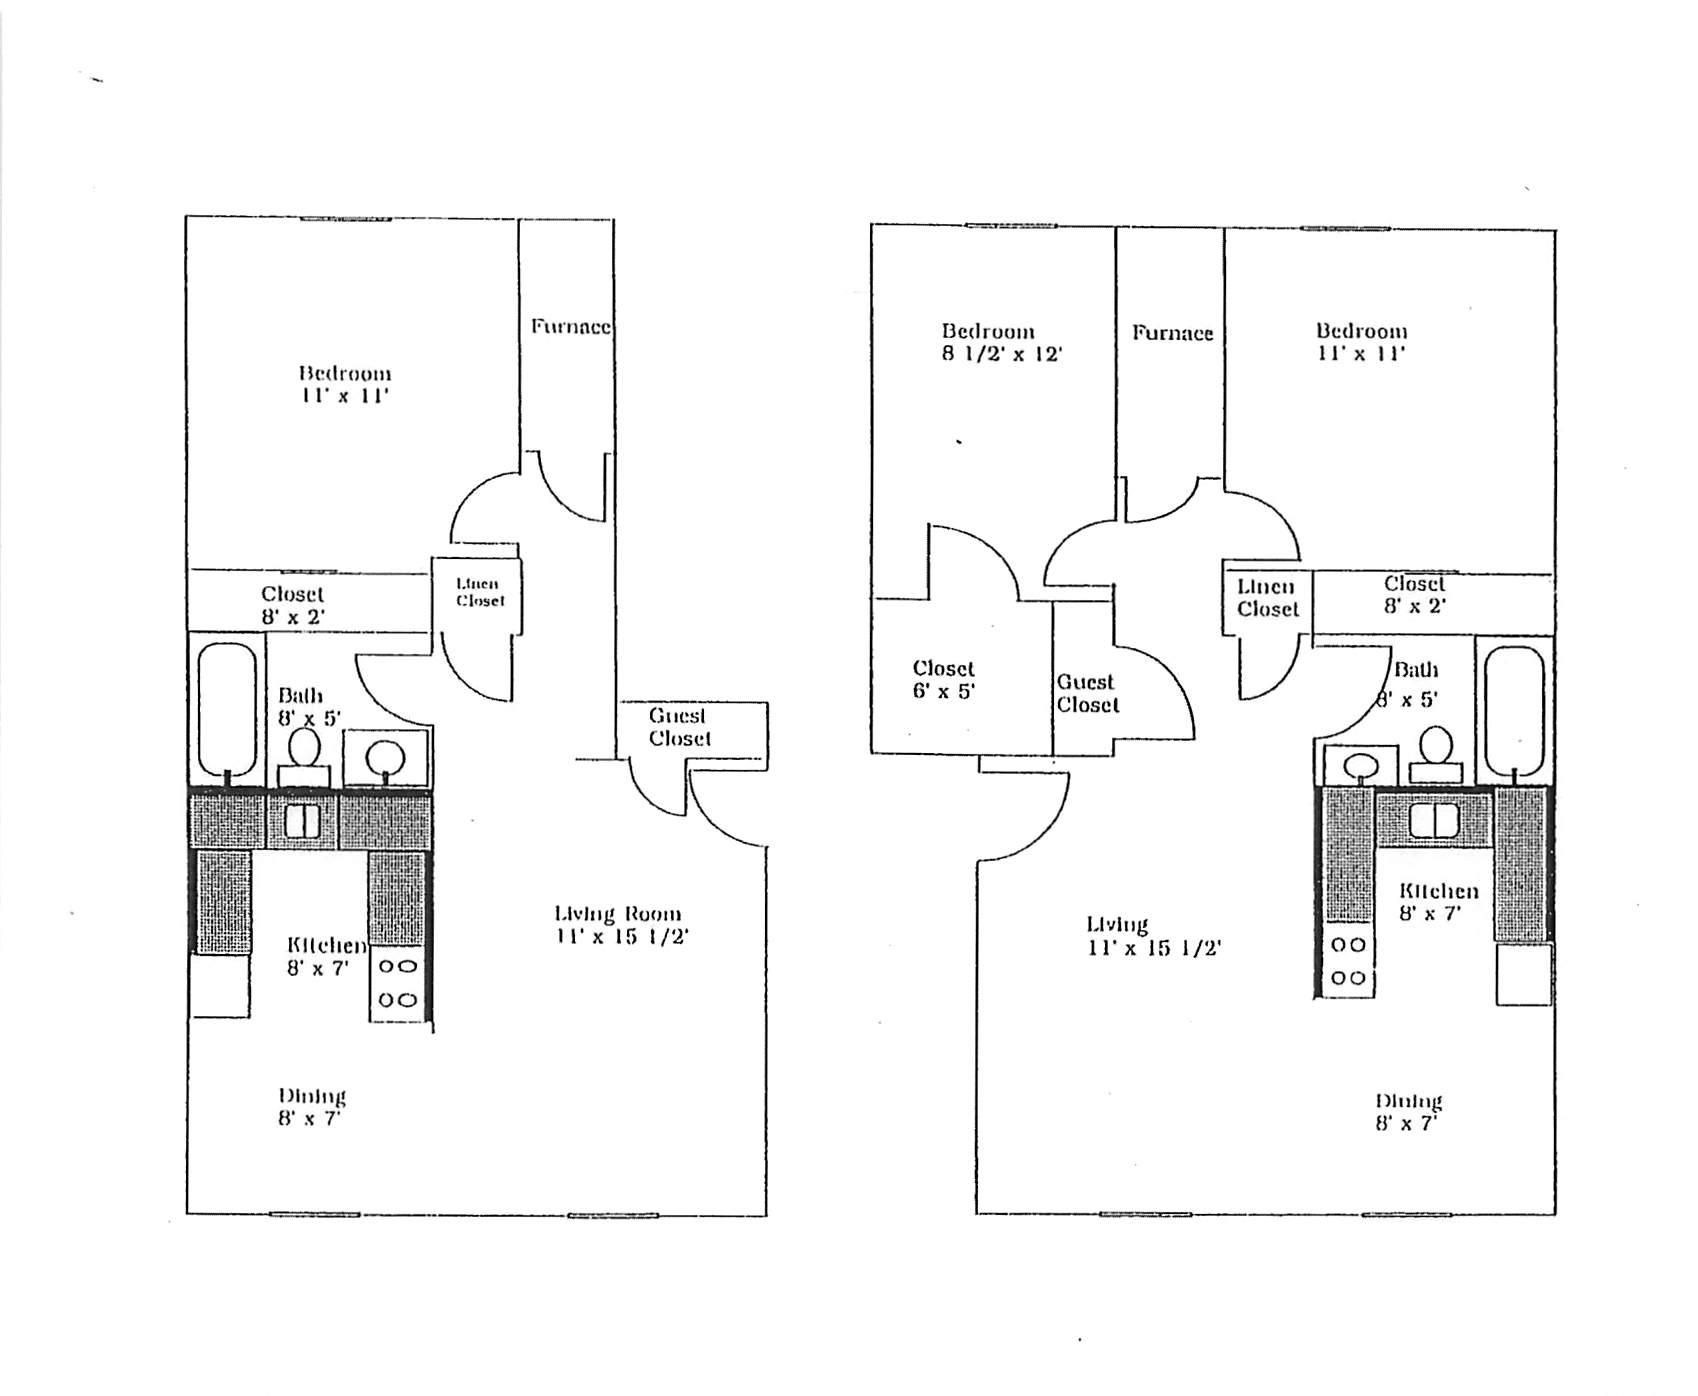 Daffodil Apartments 1 & 2BR